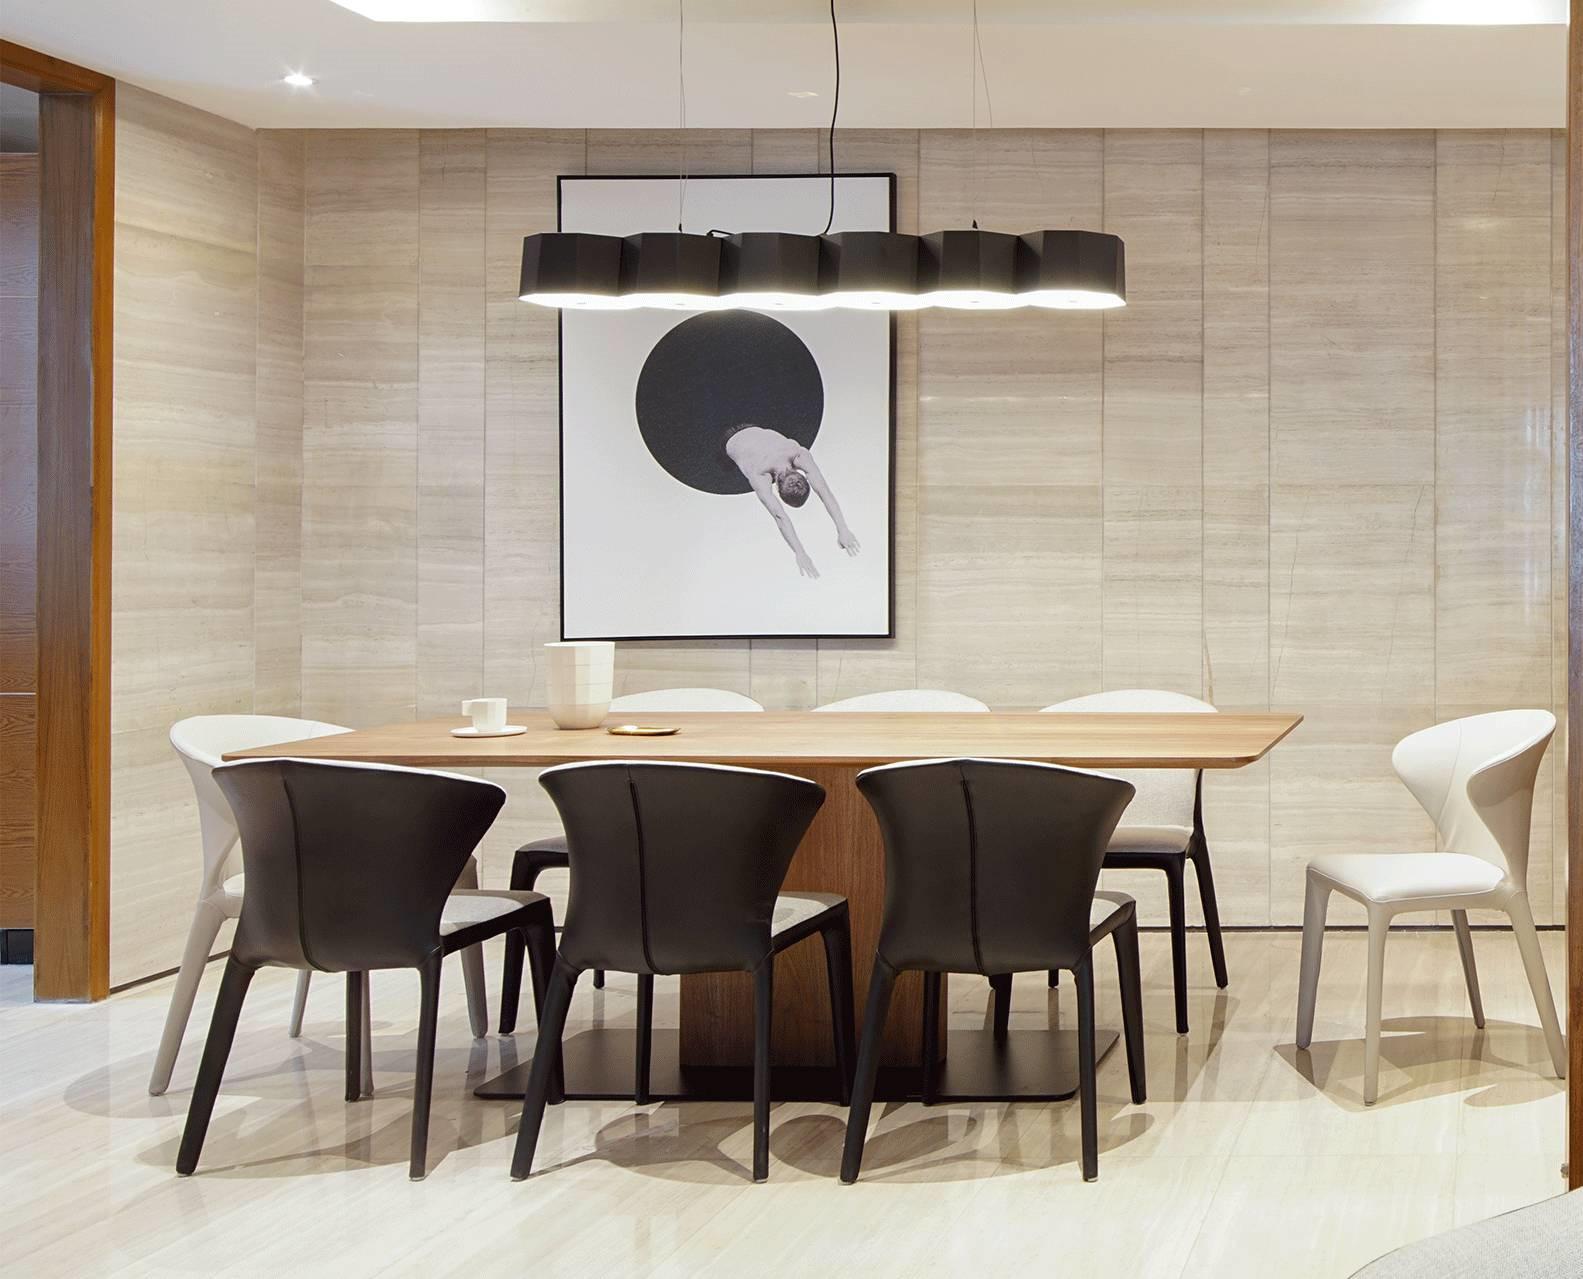 简约 田园 混搭 二居 三居 别墅 白领 收纳 旧房改造 餐厅图片来自林上淮·圣奇凯尚装饰在爱家有故事·传承的分享